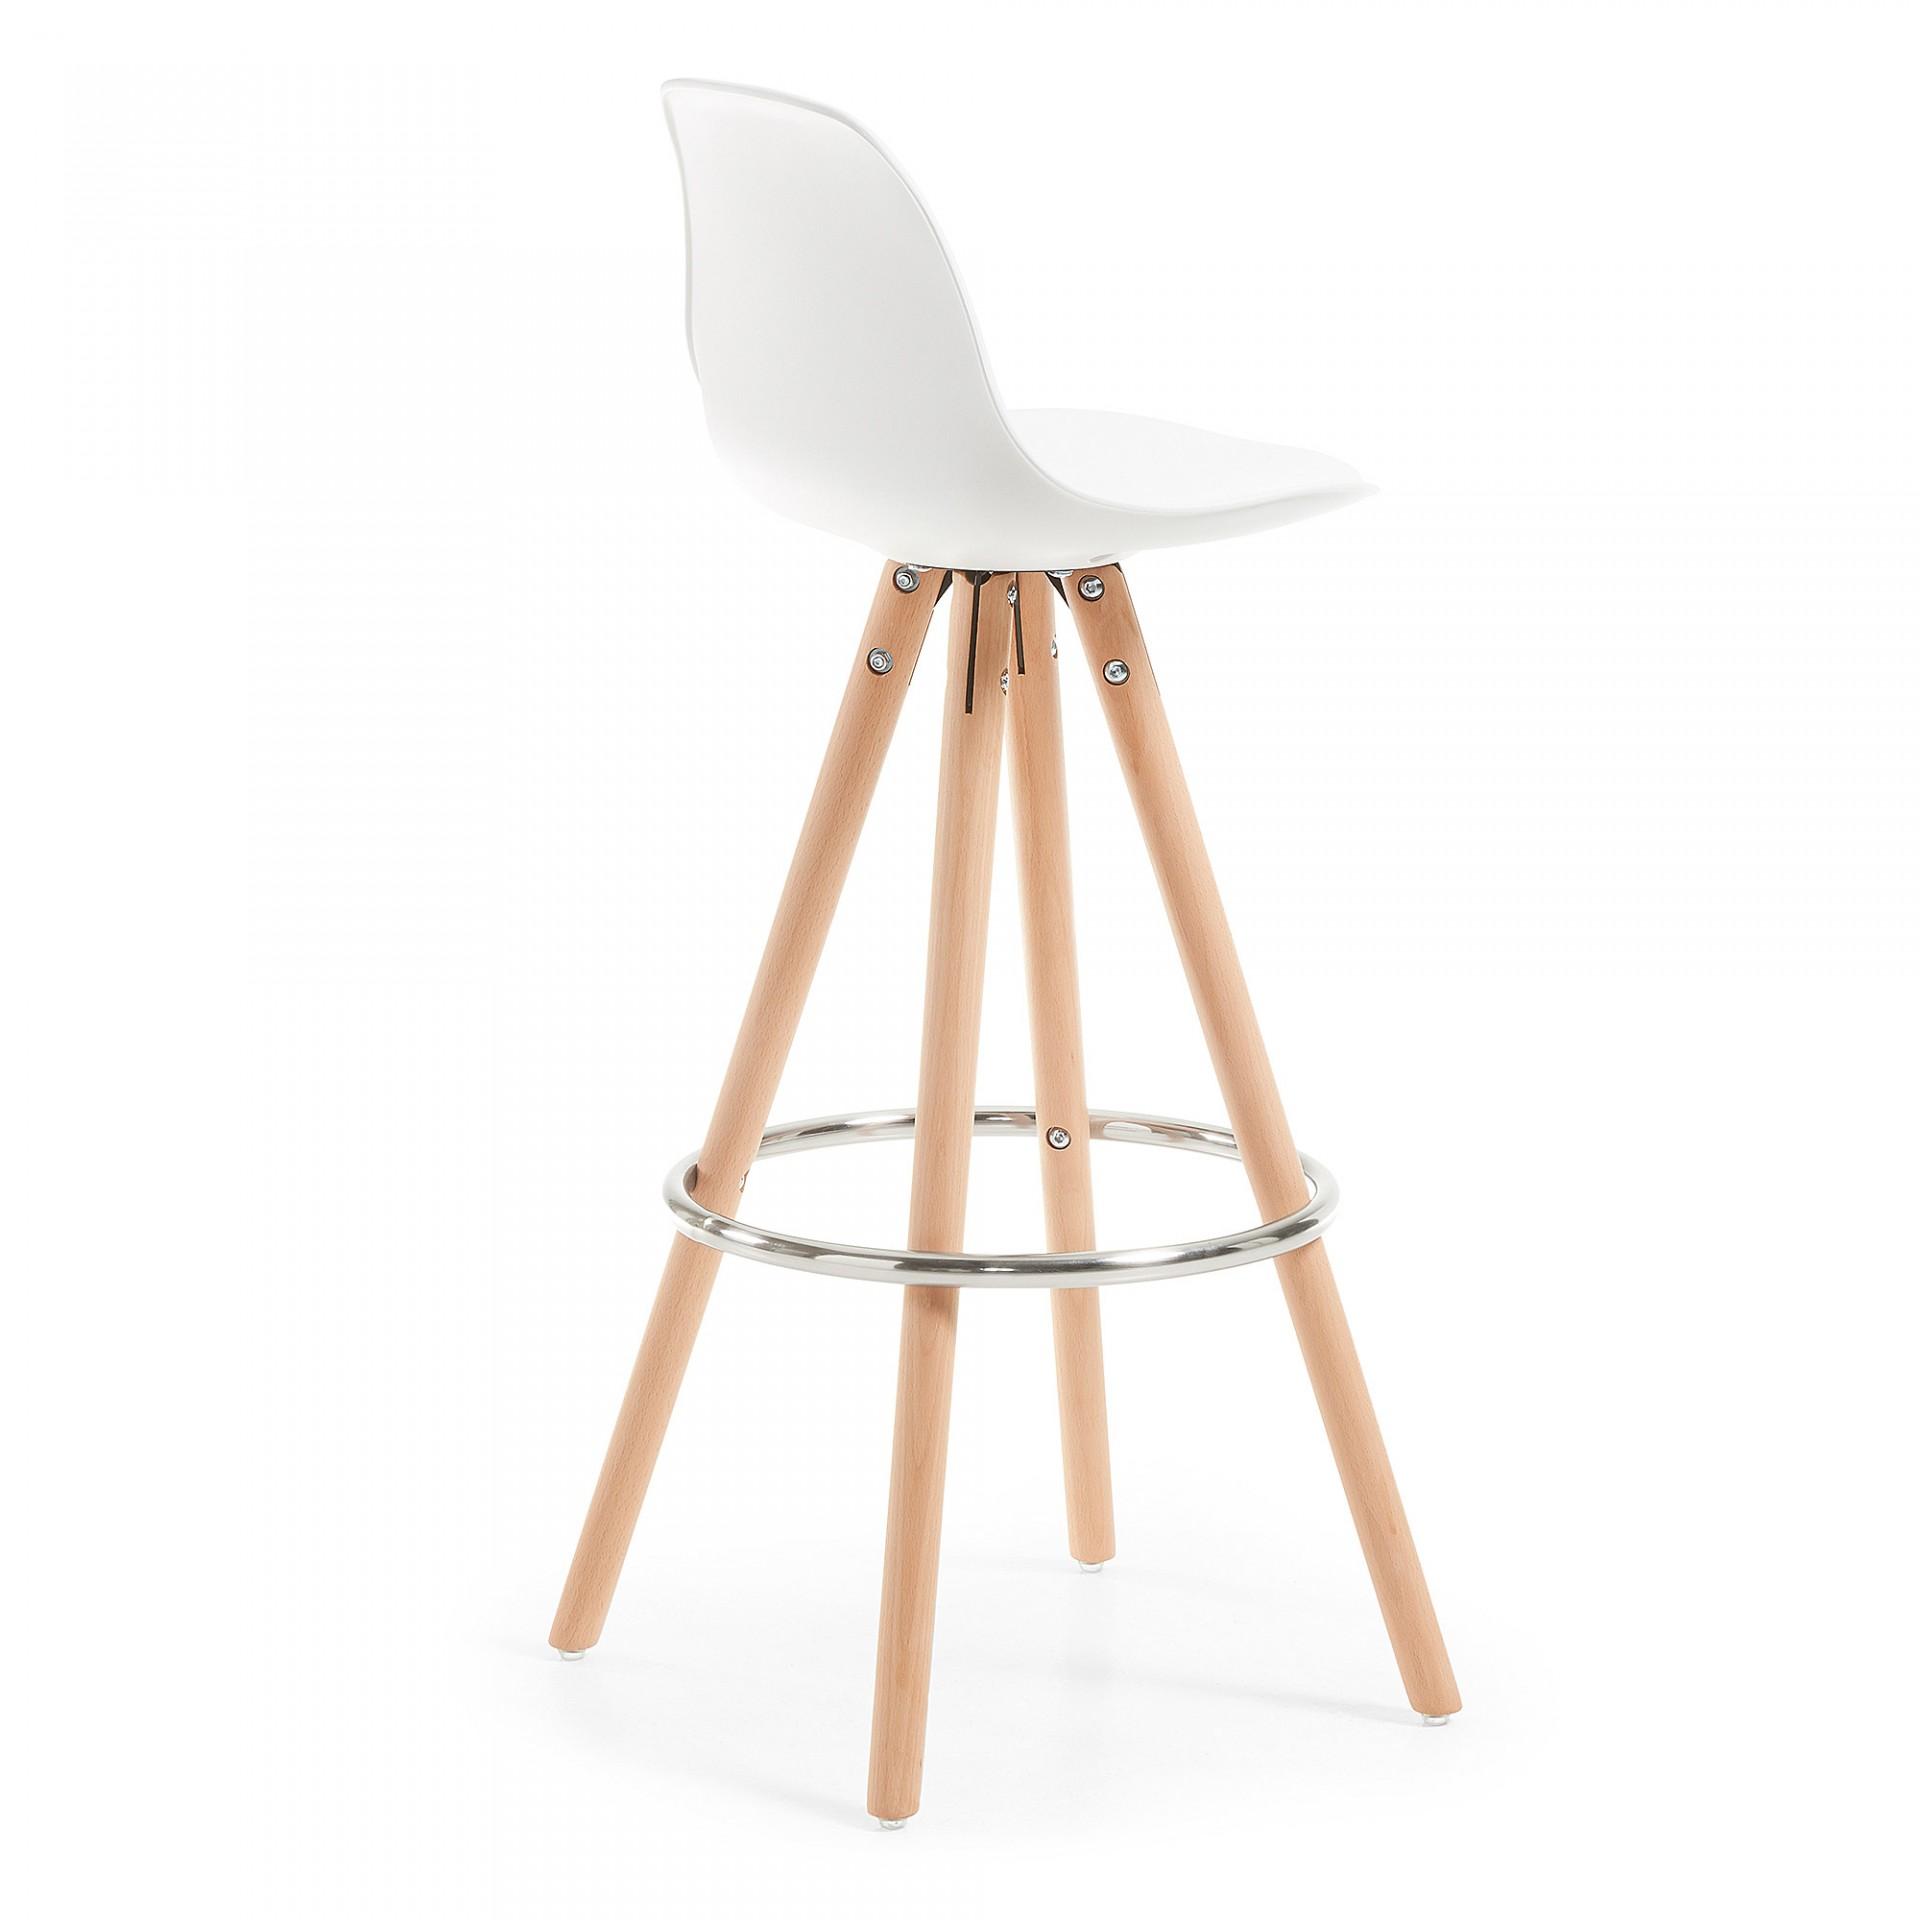 Cadeira de bar Slade, acolchoada, branco, 74cm